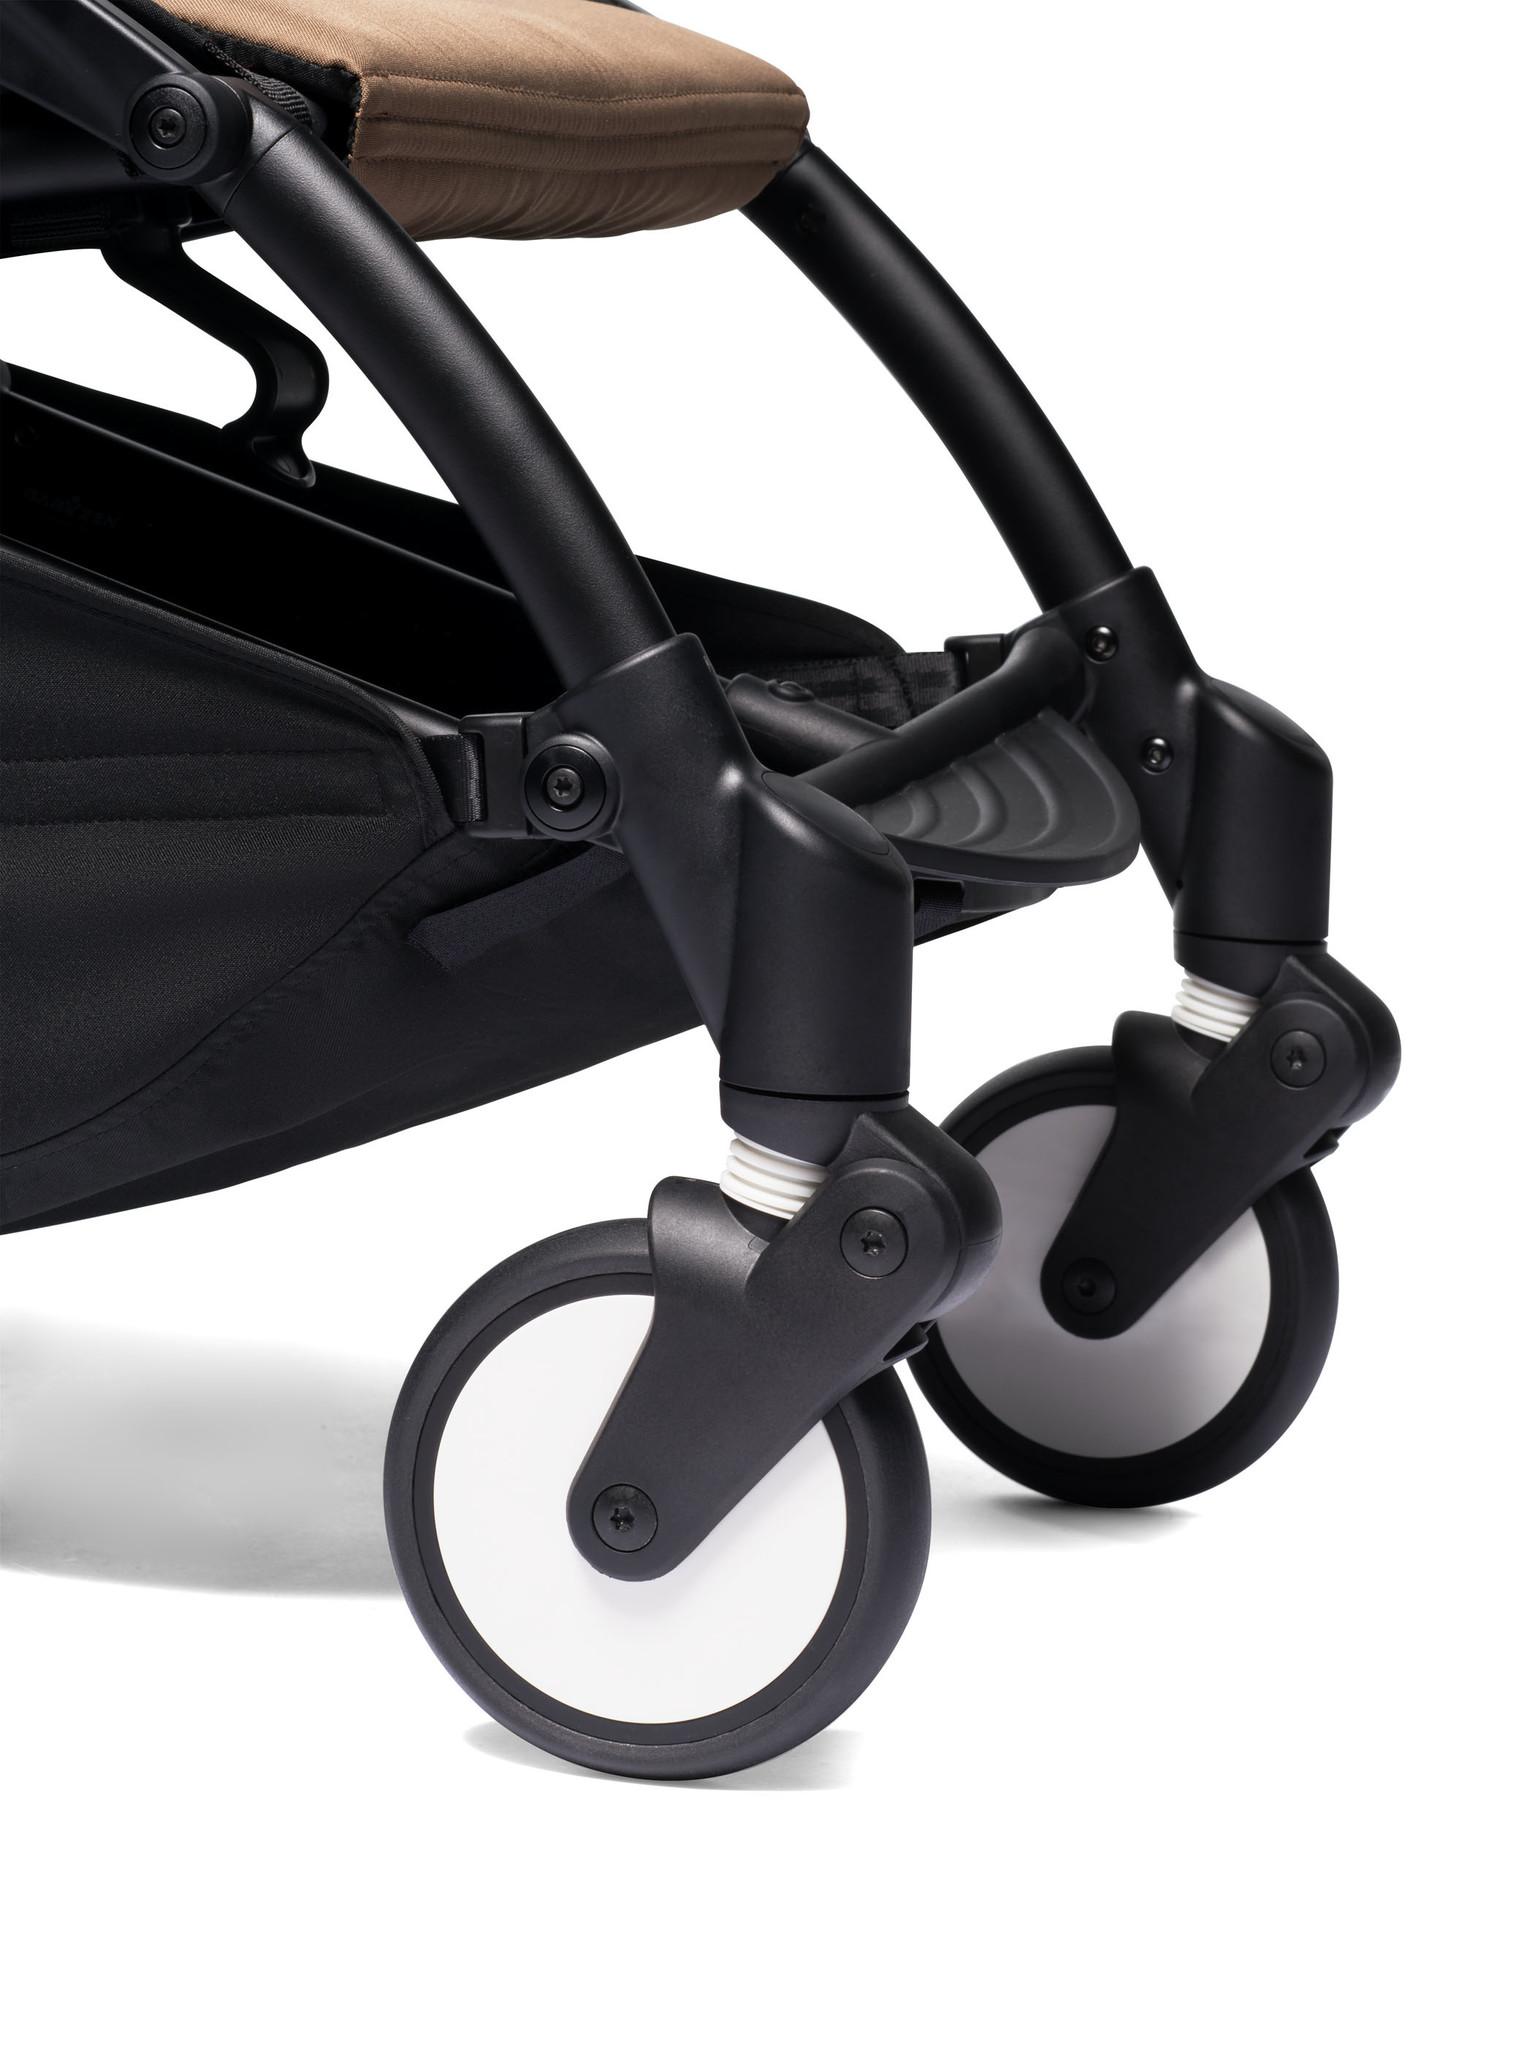 Babyzen Babyzen YOYO² Buggy VOLLSTÄNDIG von Geburt an inklusive YOYO Bag - Toffee mit schwarzem Rahmen